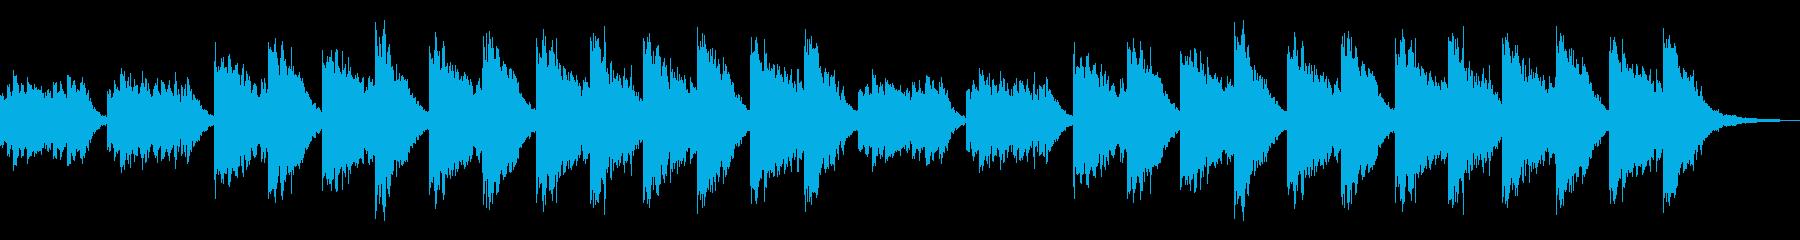 観察日記の再生済みの波形